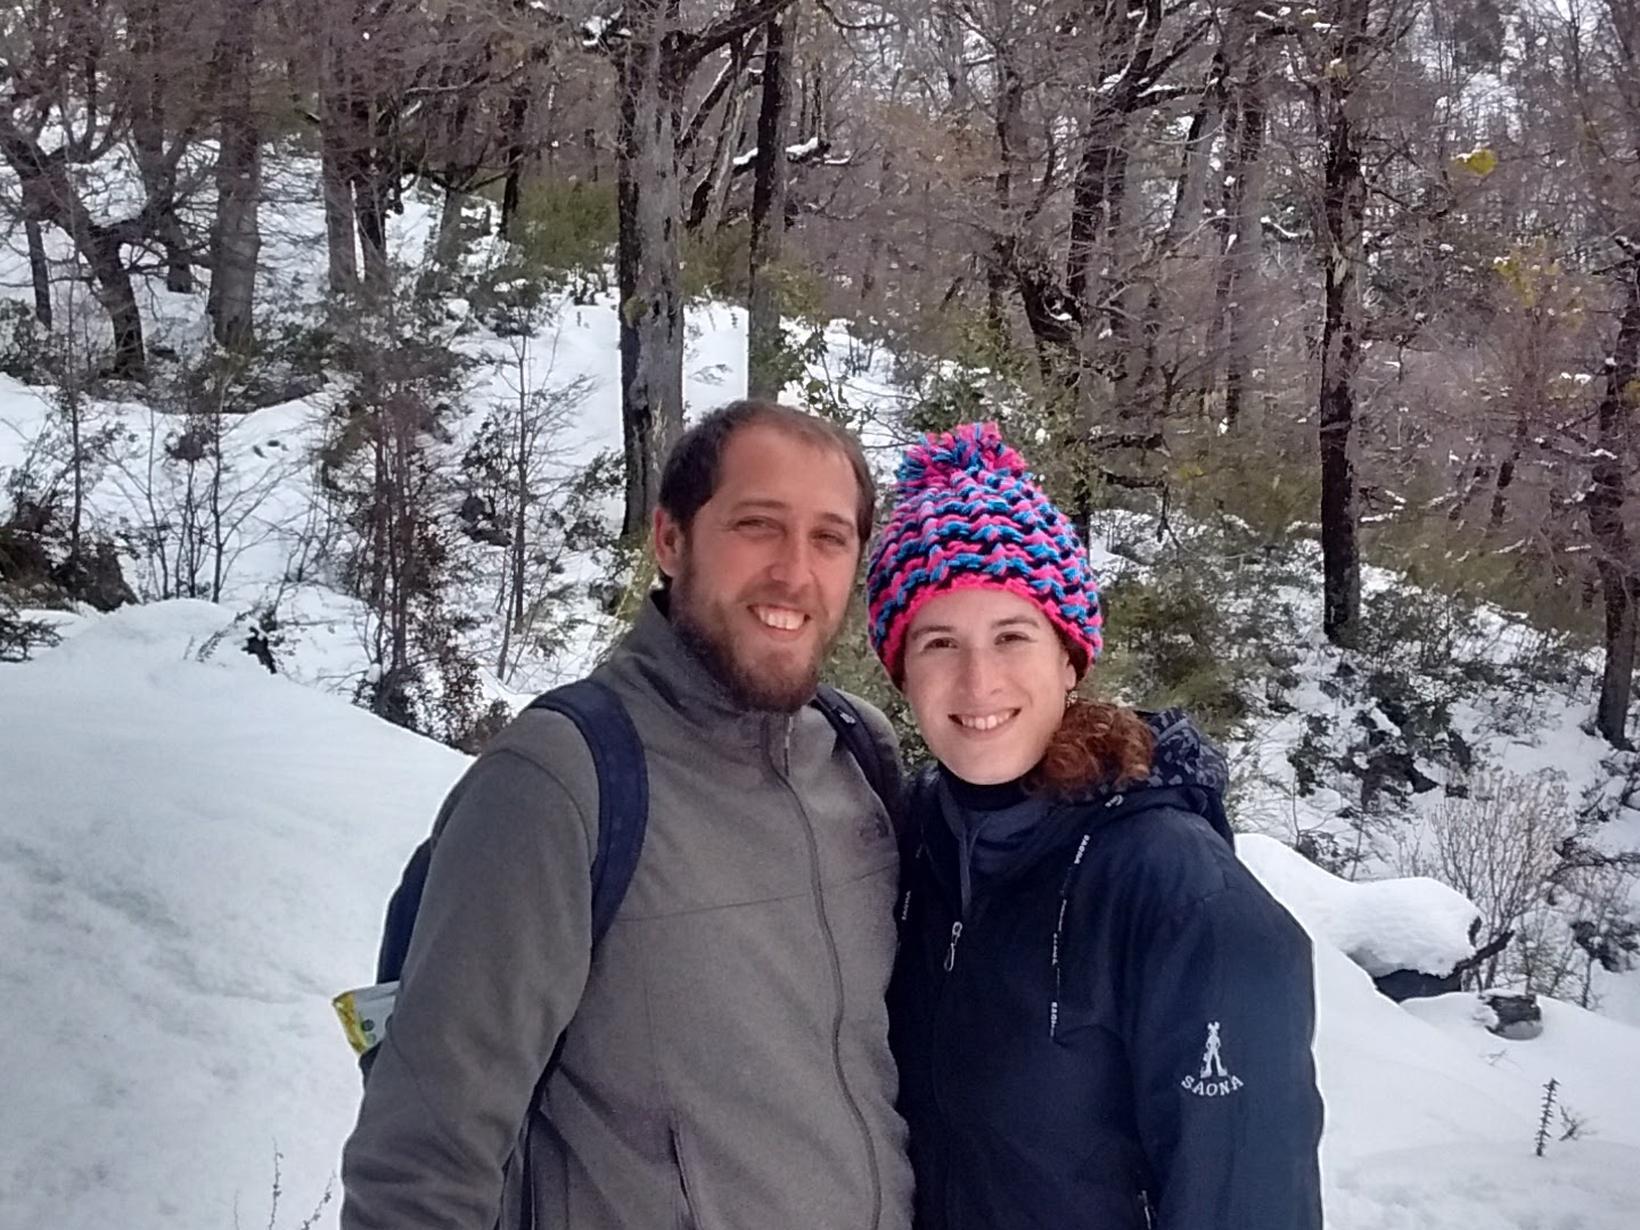 Valeria & Matias from Buenos Aires, Argentina